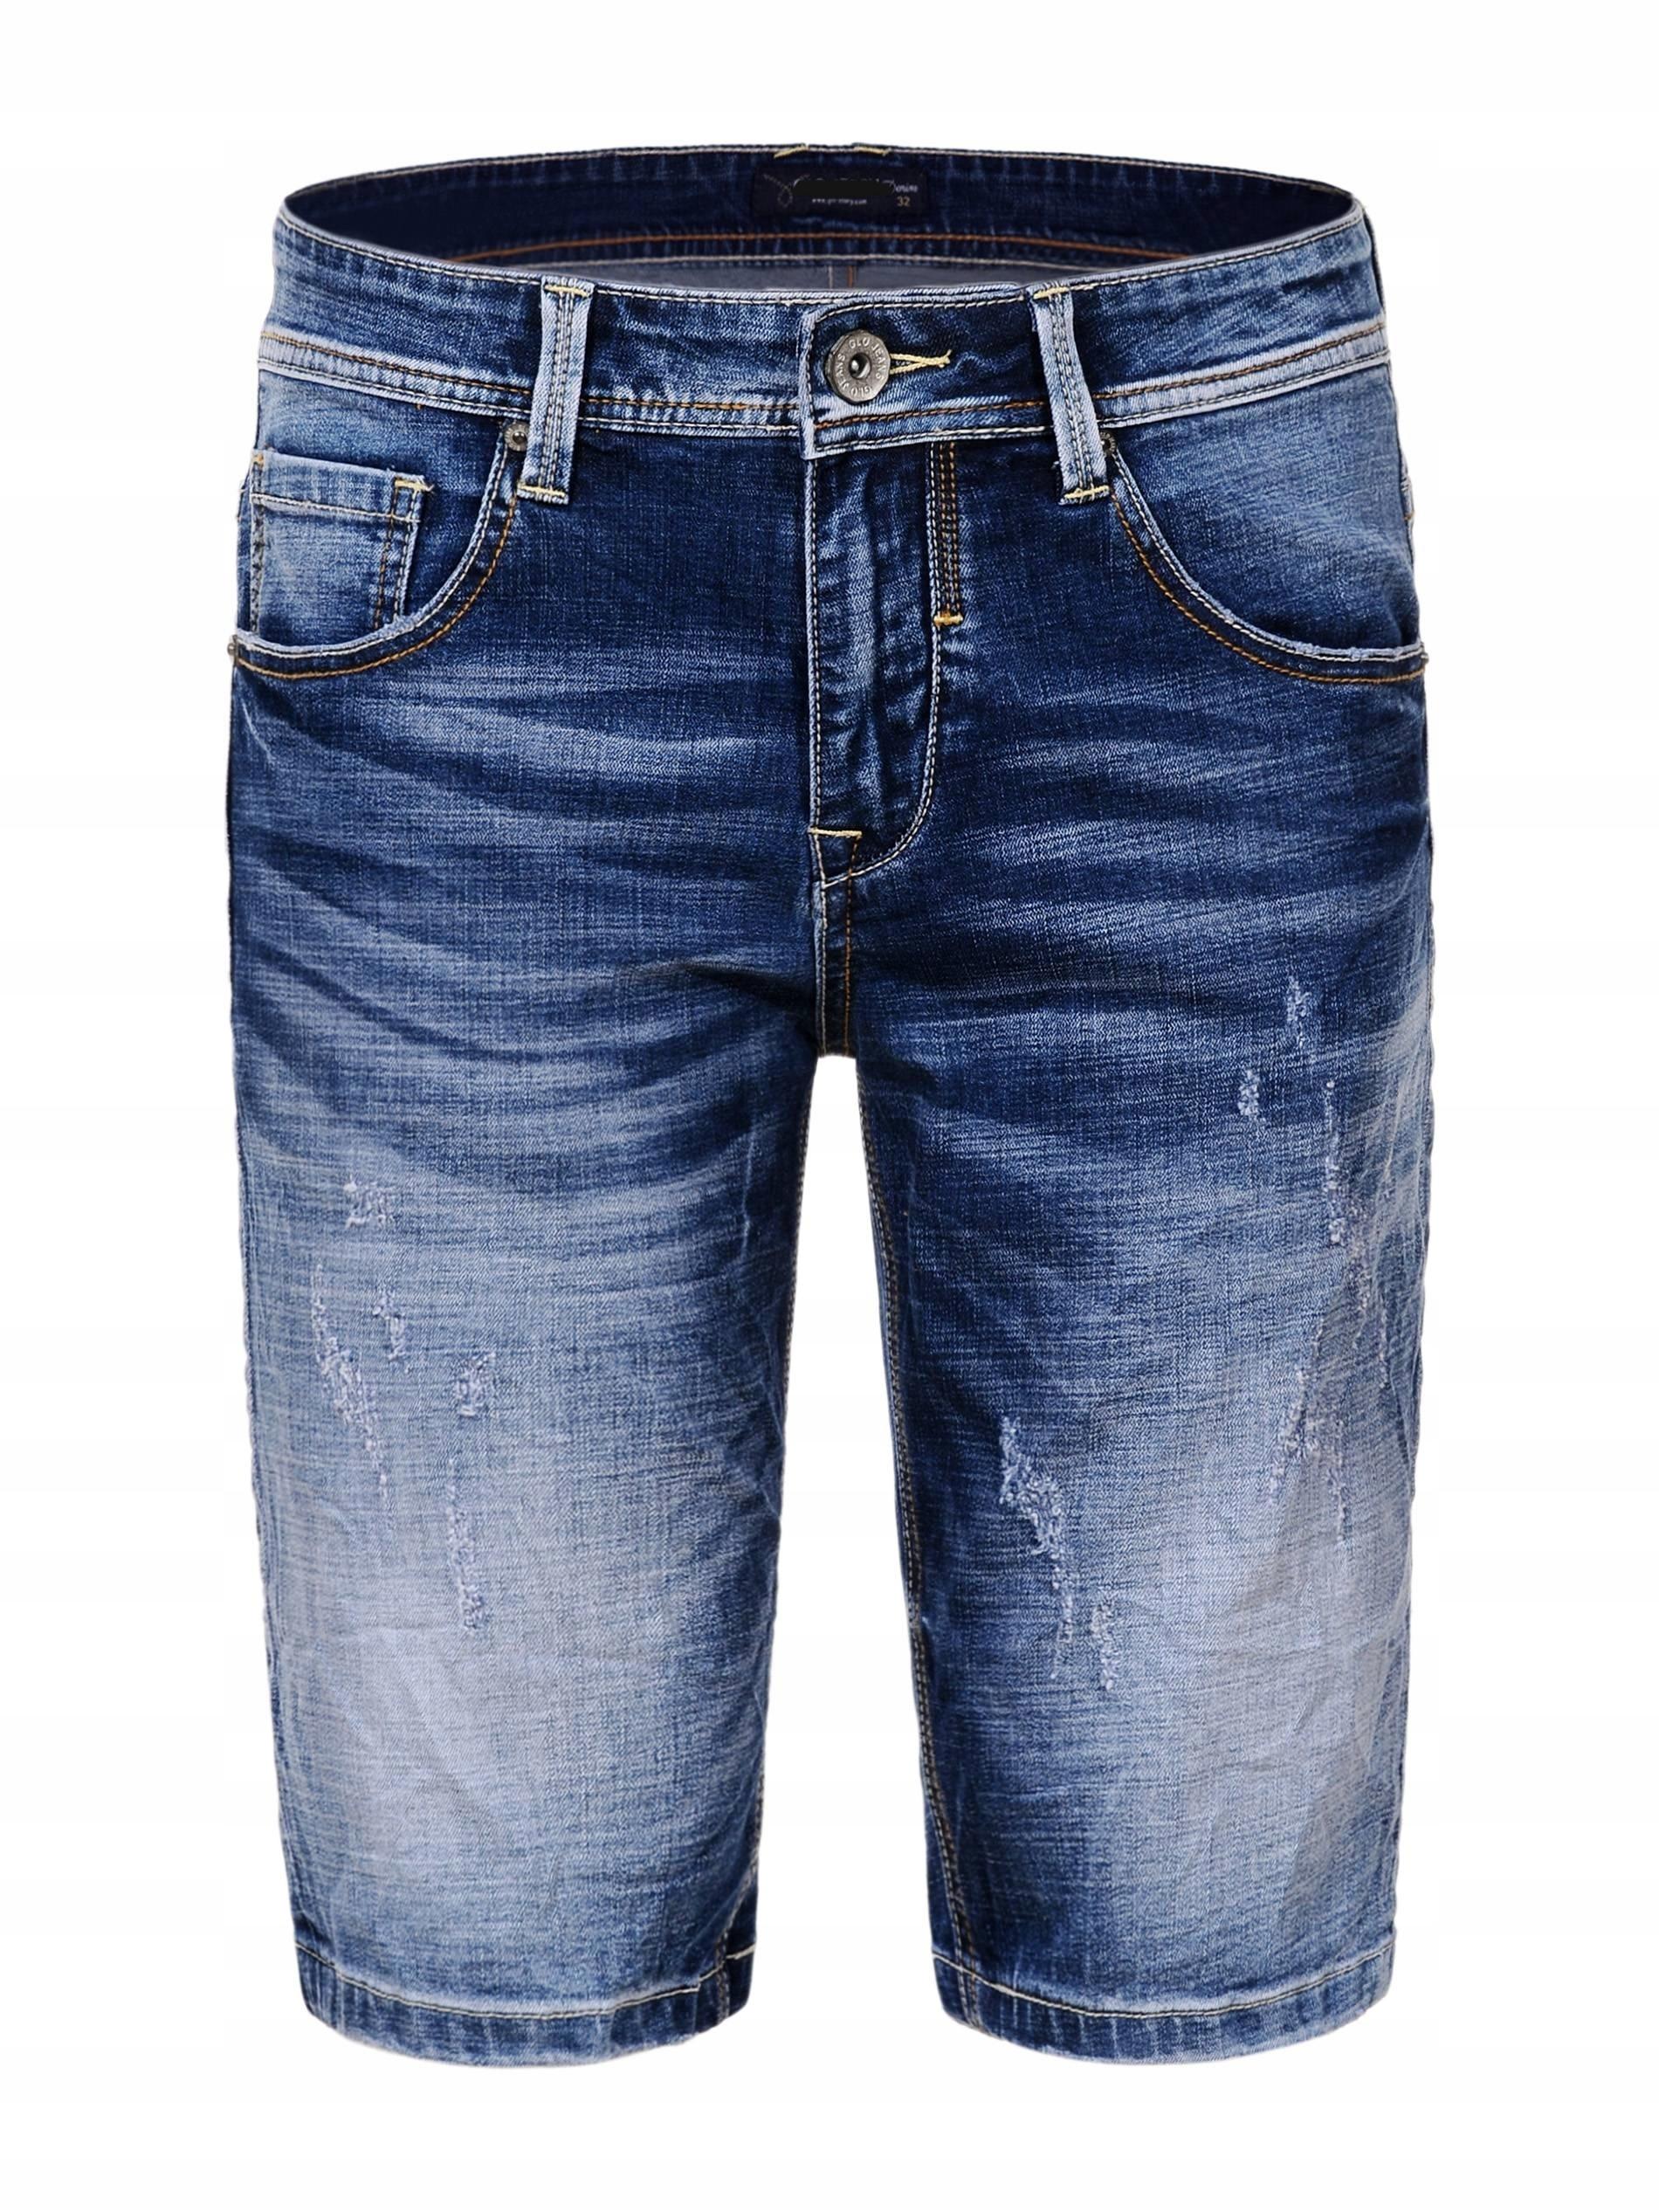 SPODENKI MĘSKIE SZORTY jeansowe DUŻE ROZMIARY 42